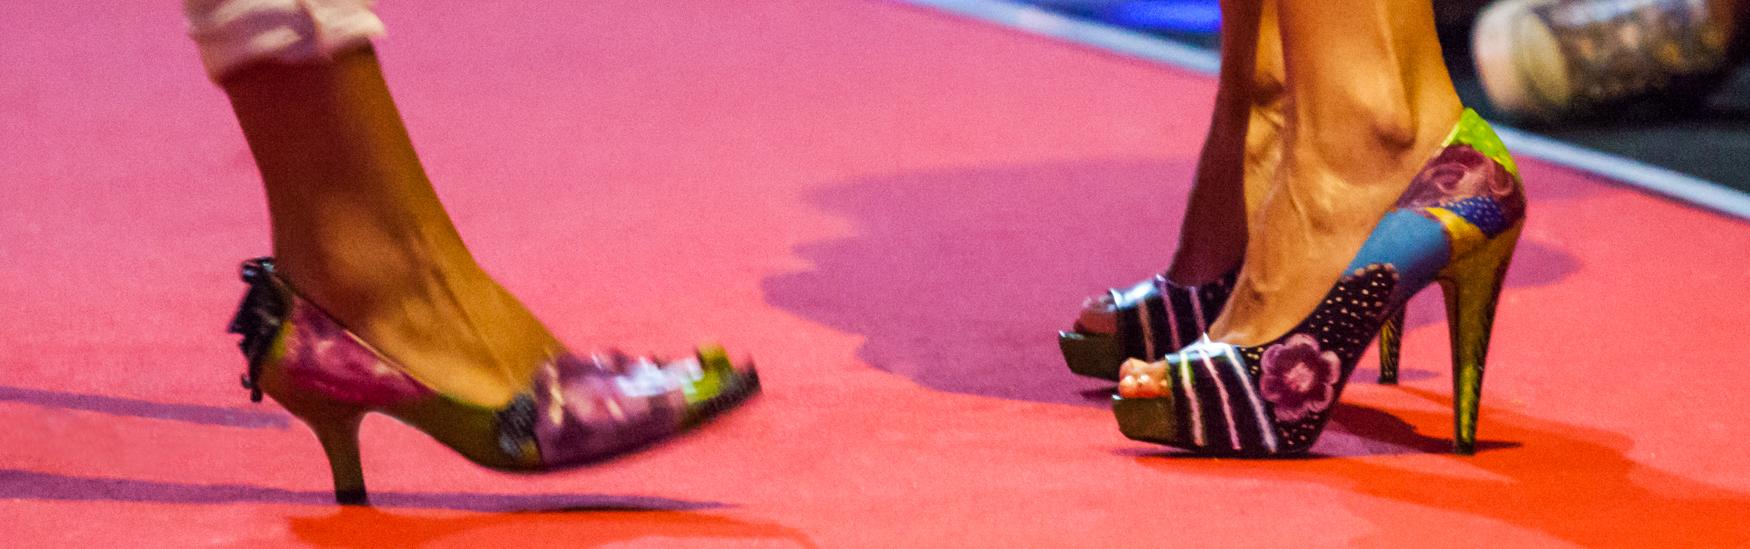 Zapatos Pintados Desfile Portobello Rota